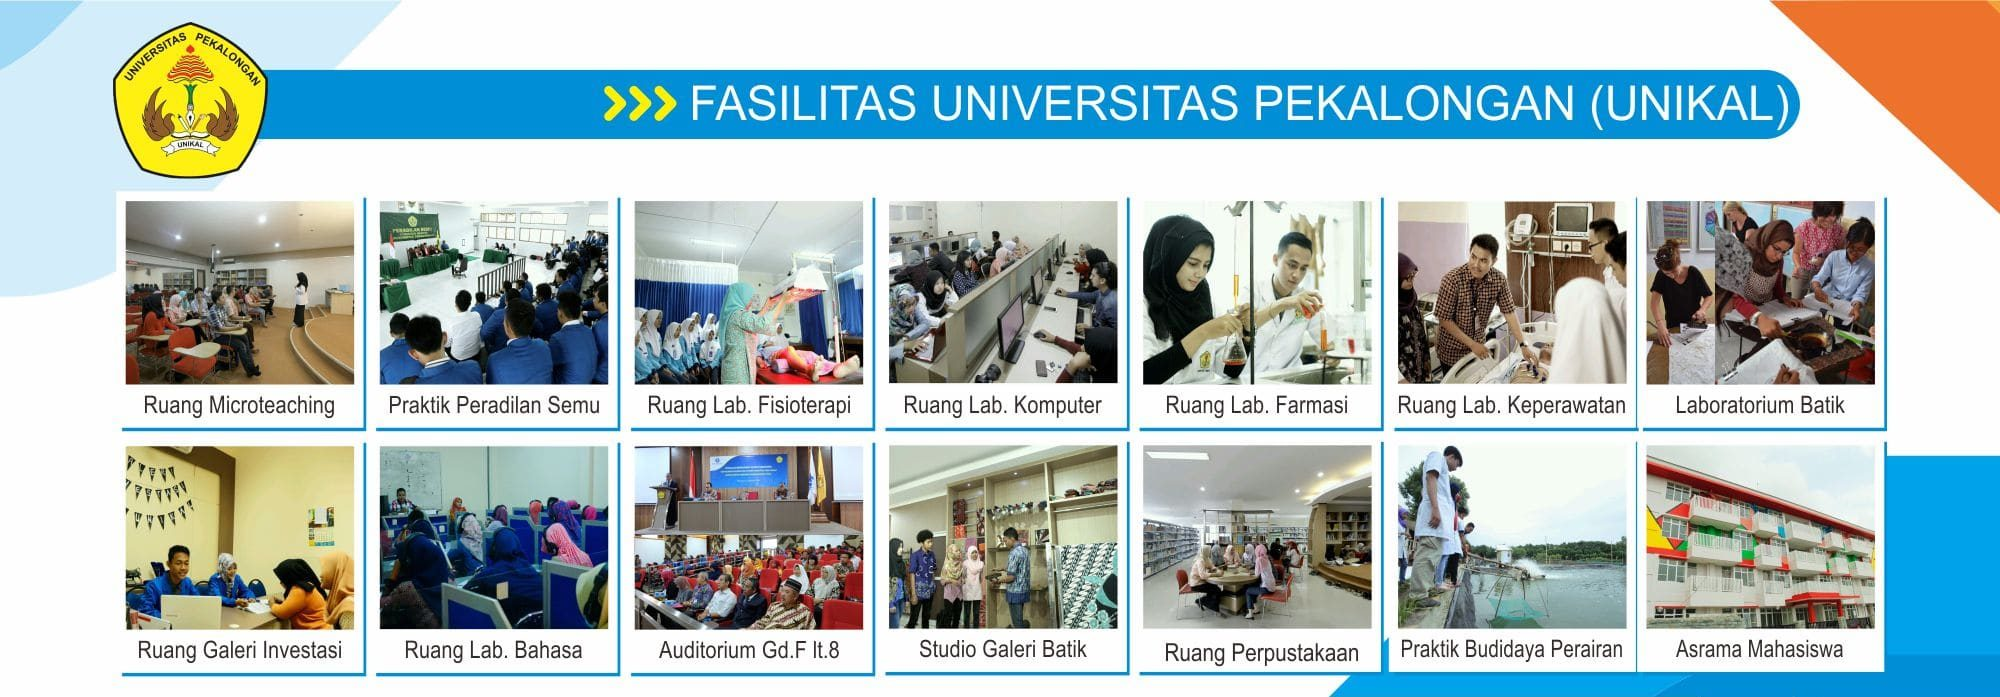 fasilitas universitas pekalongan